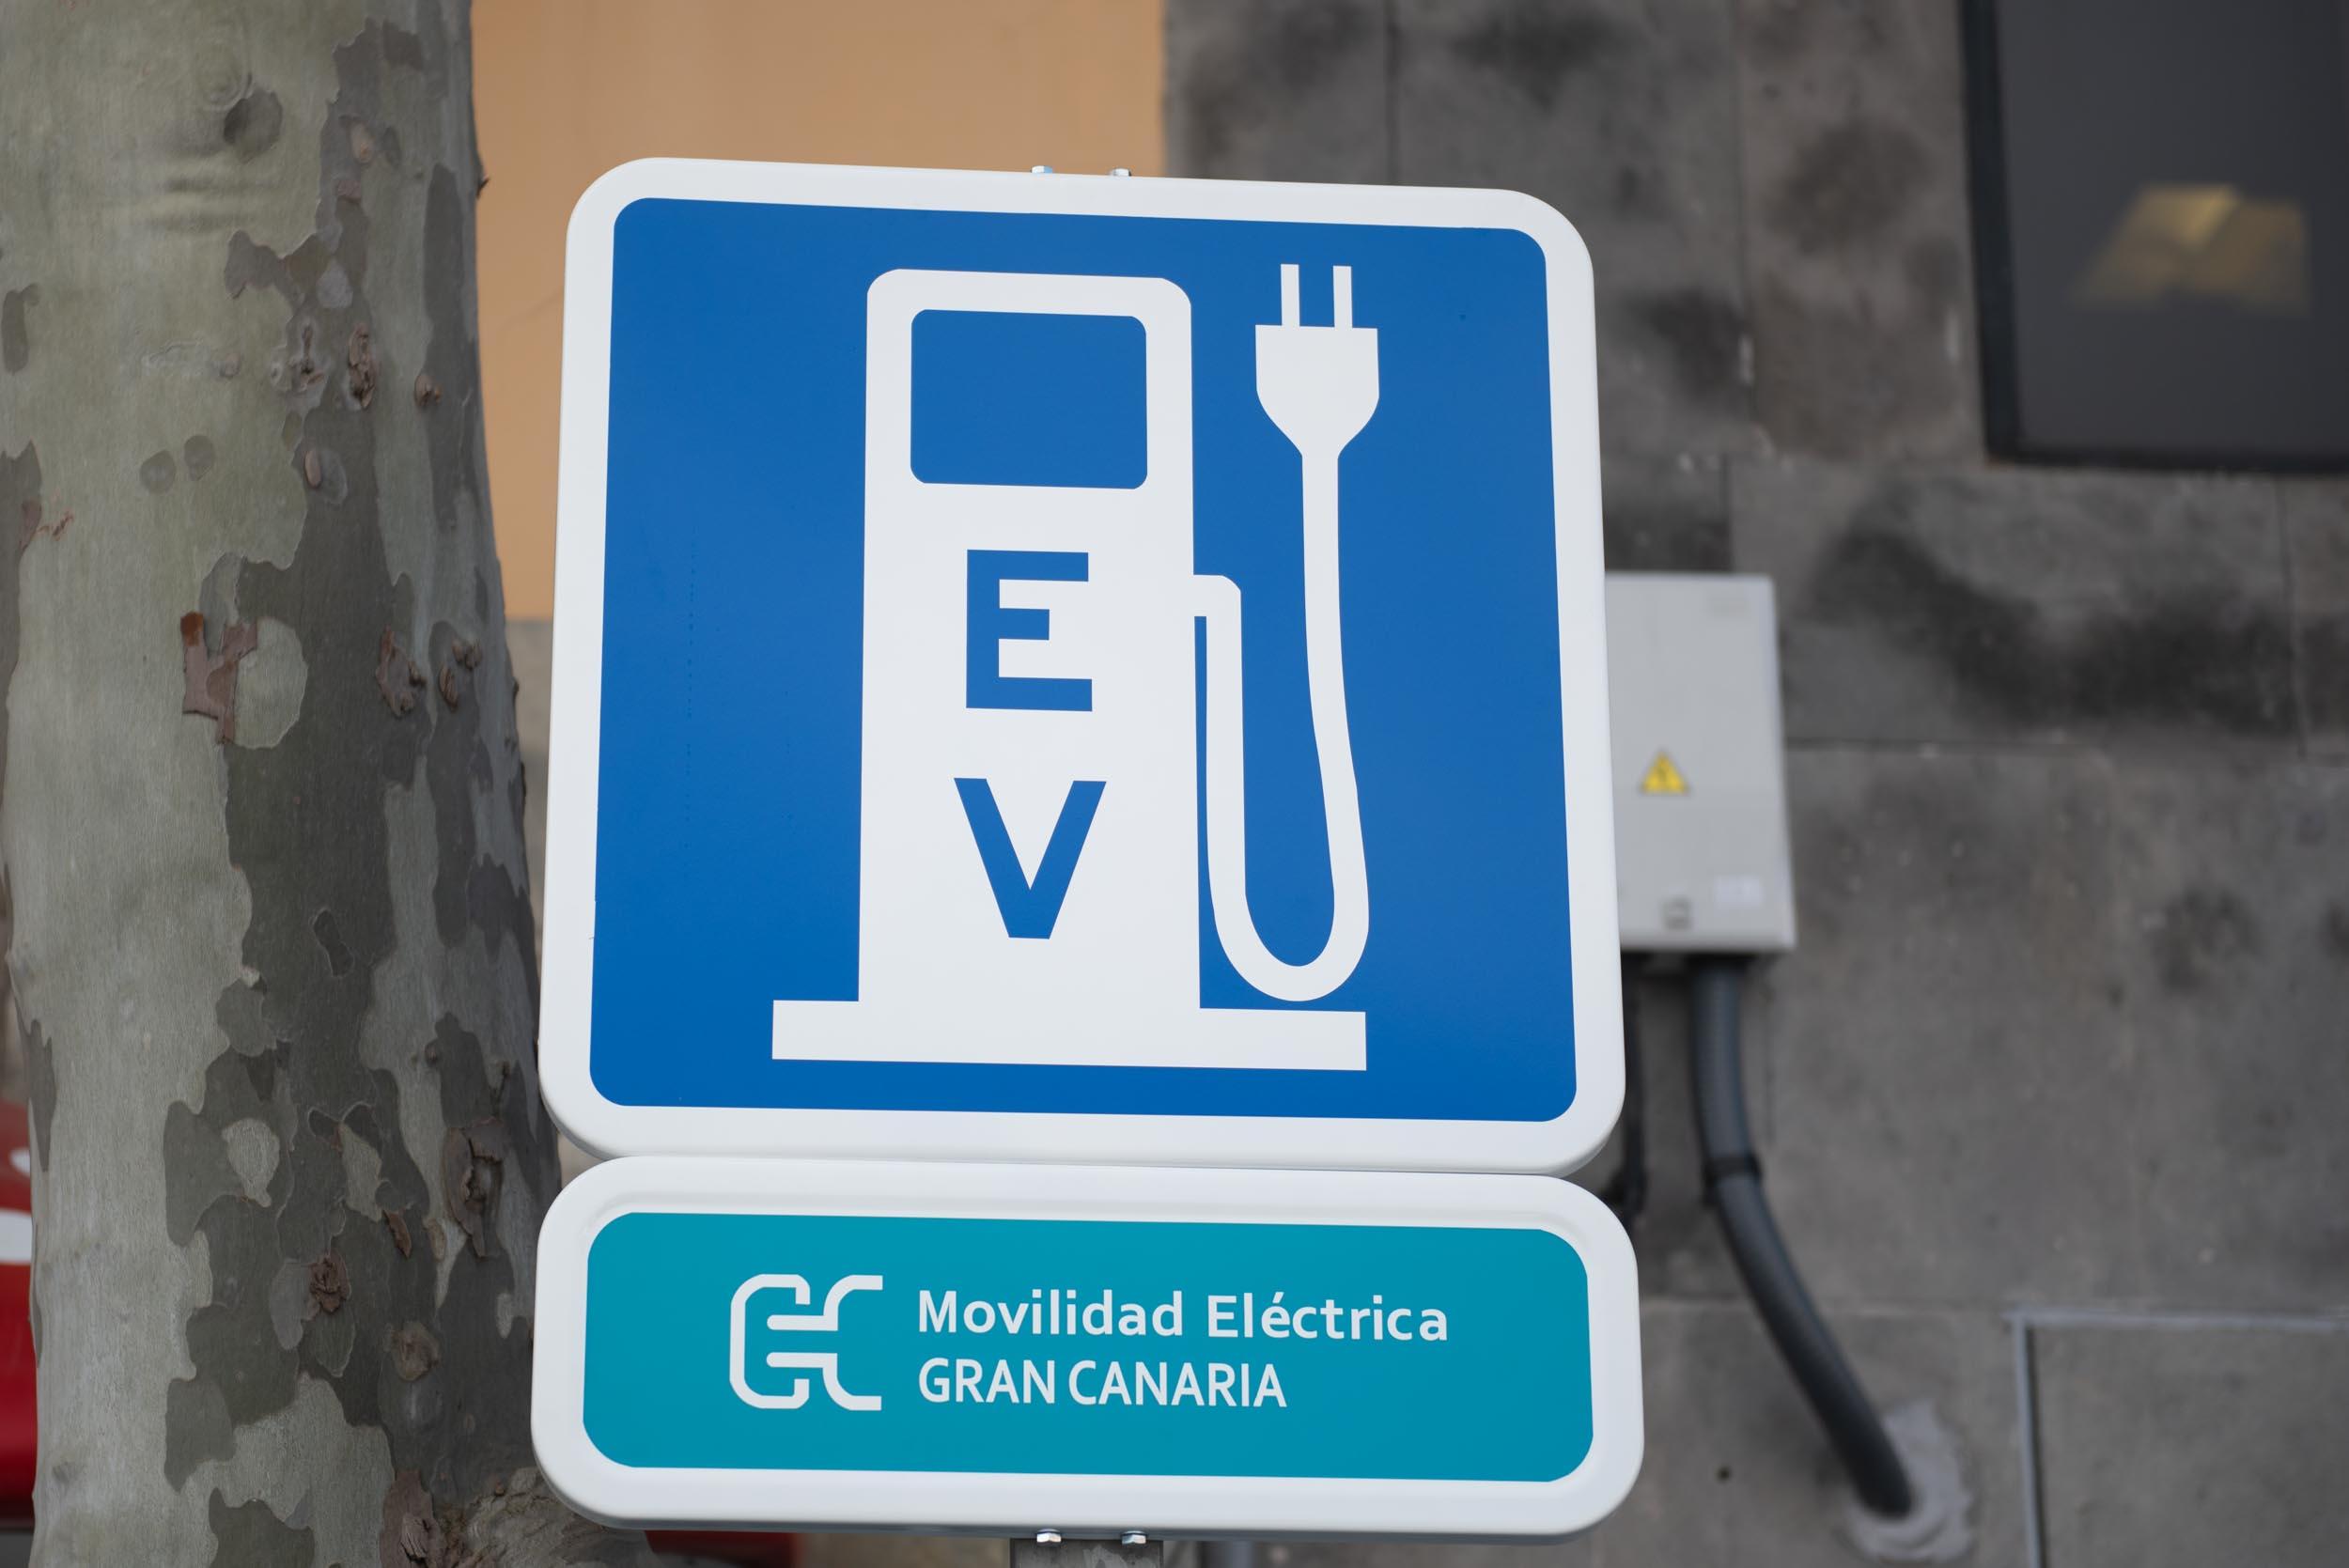 Red de Recarga de Vehículos Eléctricos. Gran Canaria